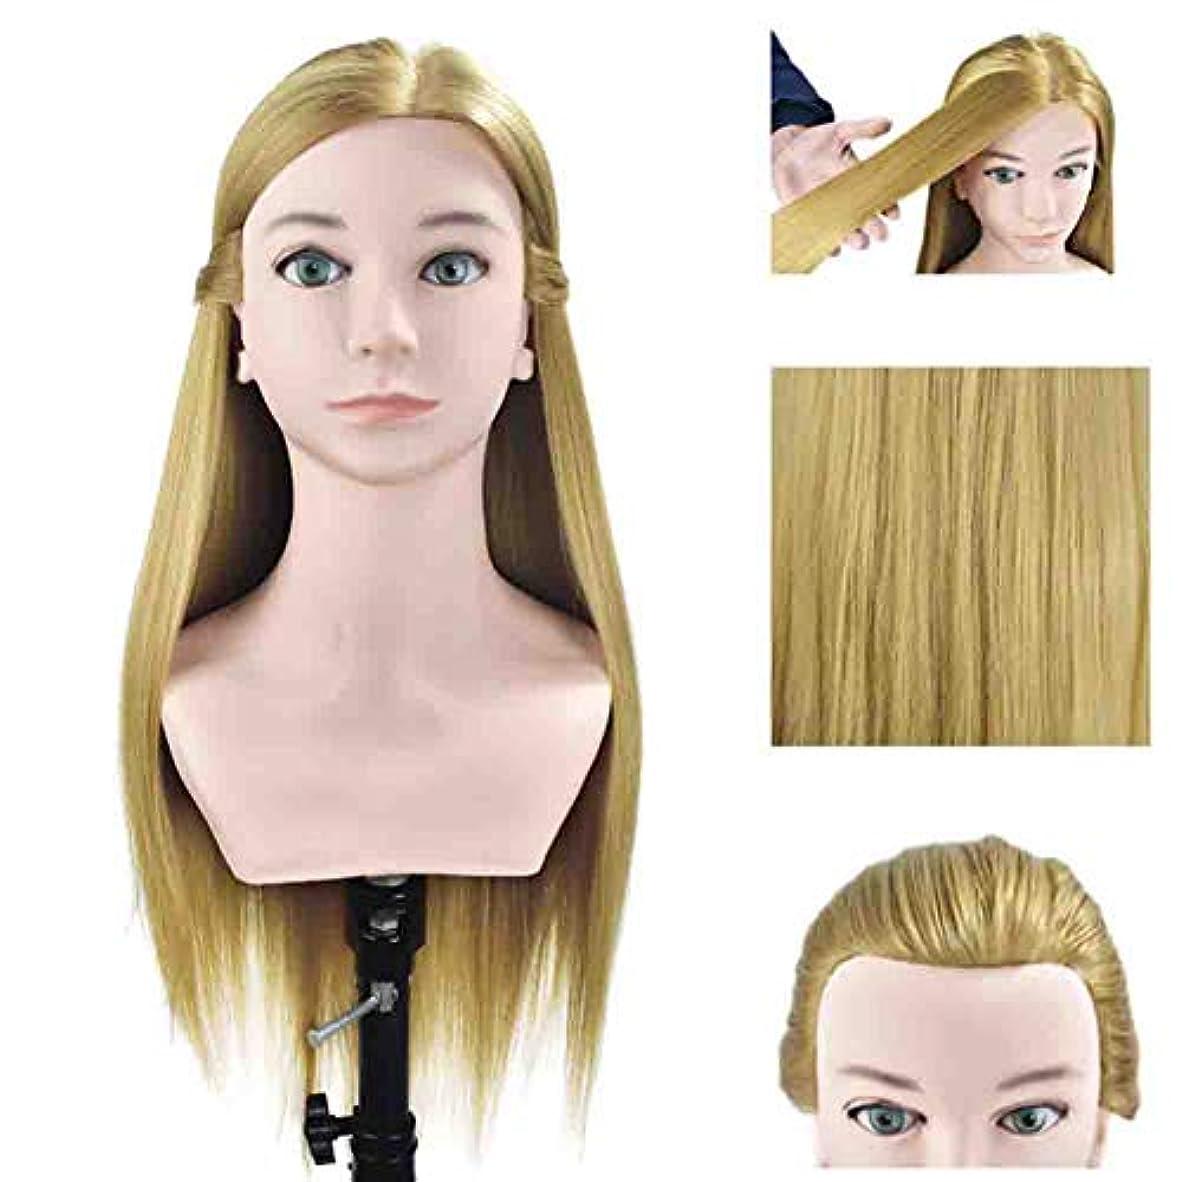 トラフバース相互接続理髪店パーマ髪染め練習かつらヘッドモデルリアルヘアマネキンヘッド化粧散髪練習ダミーヘッド